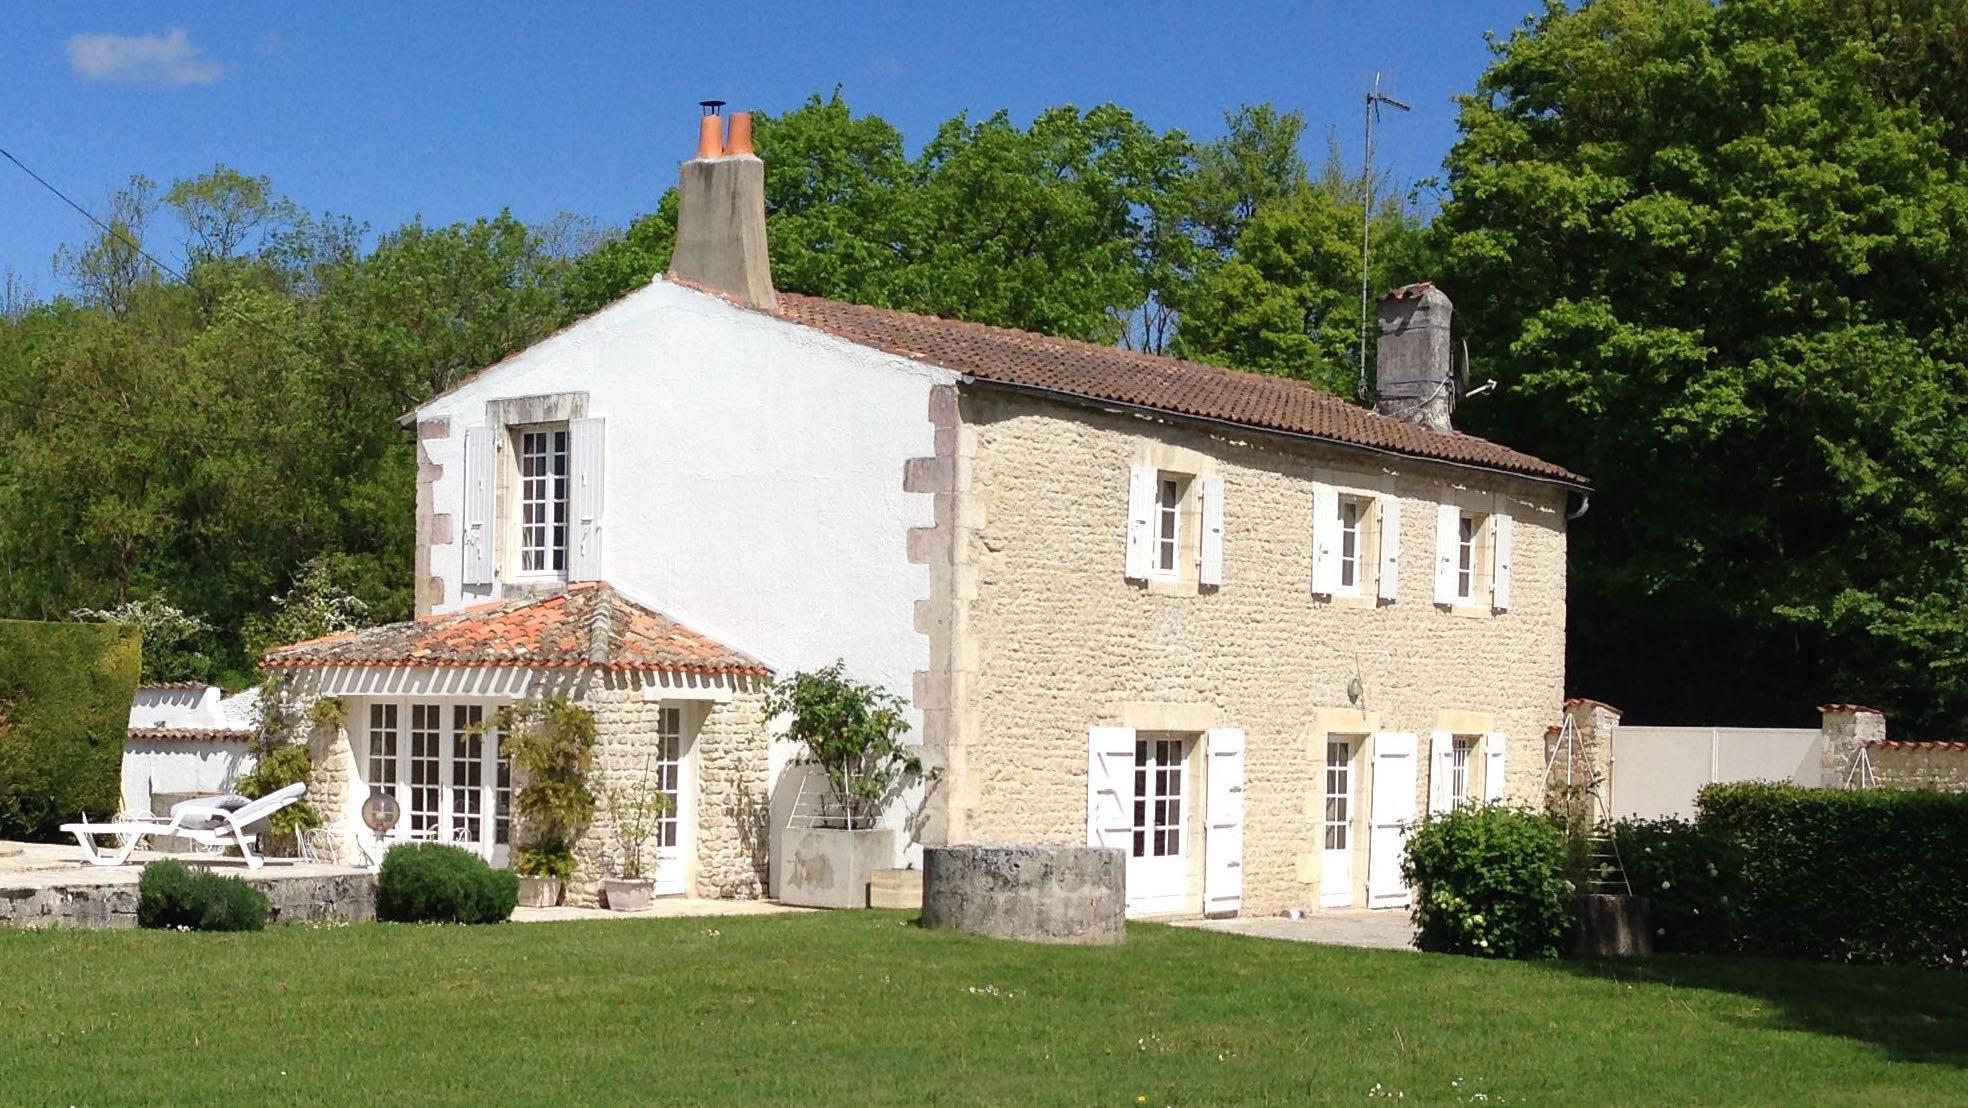 Maison vendre 5 minutes la rochelle al immo 17 - La maison blanche la rochelle ...